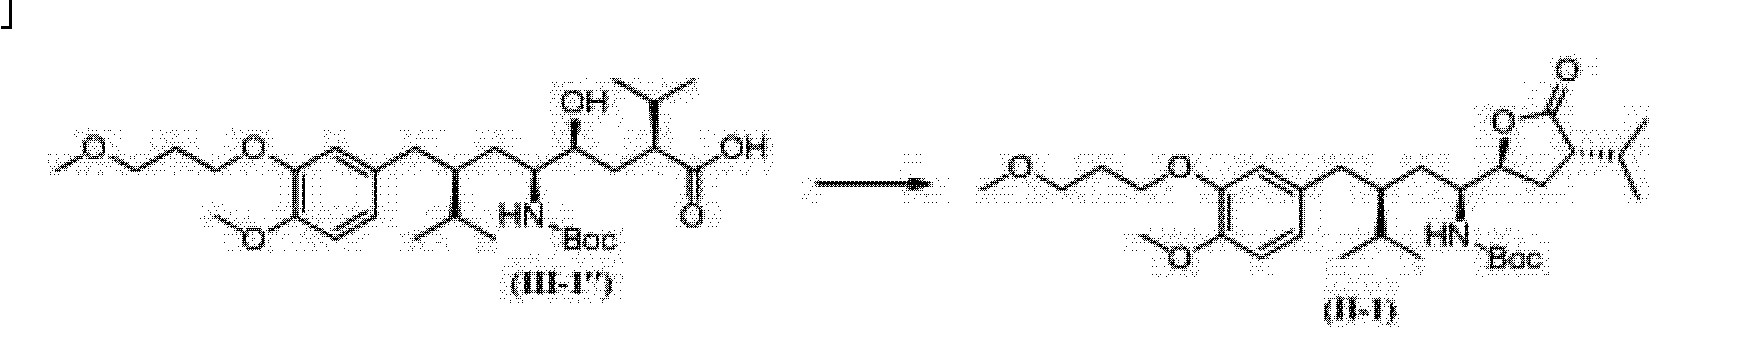 Figure CN103130677BD00112